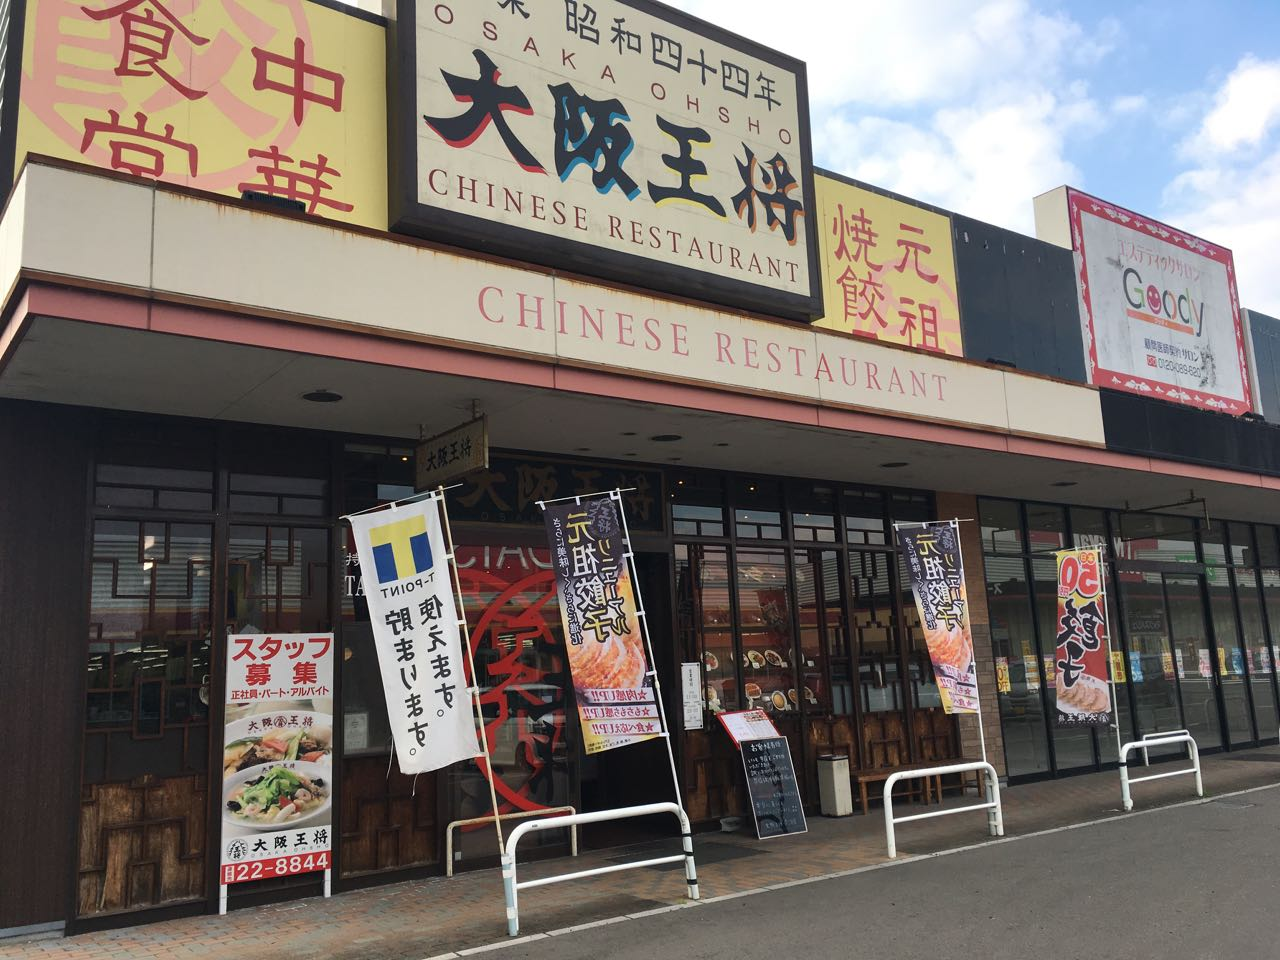 ehime, imabari, みとん今治, グルメ, 今治, 大阪王将, 愛媛, 閉店, 餃子